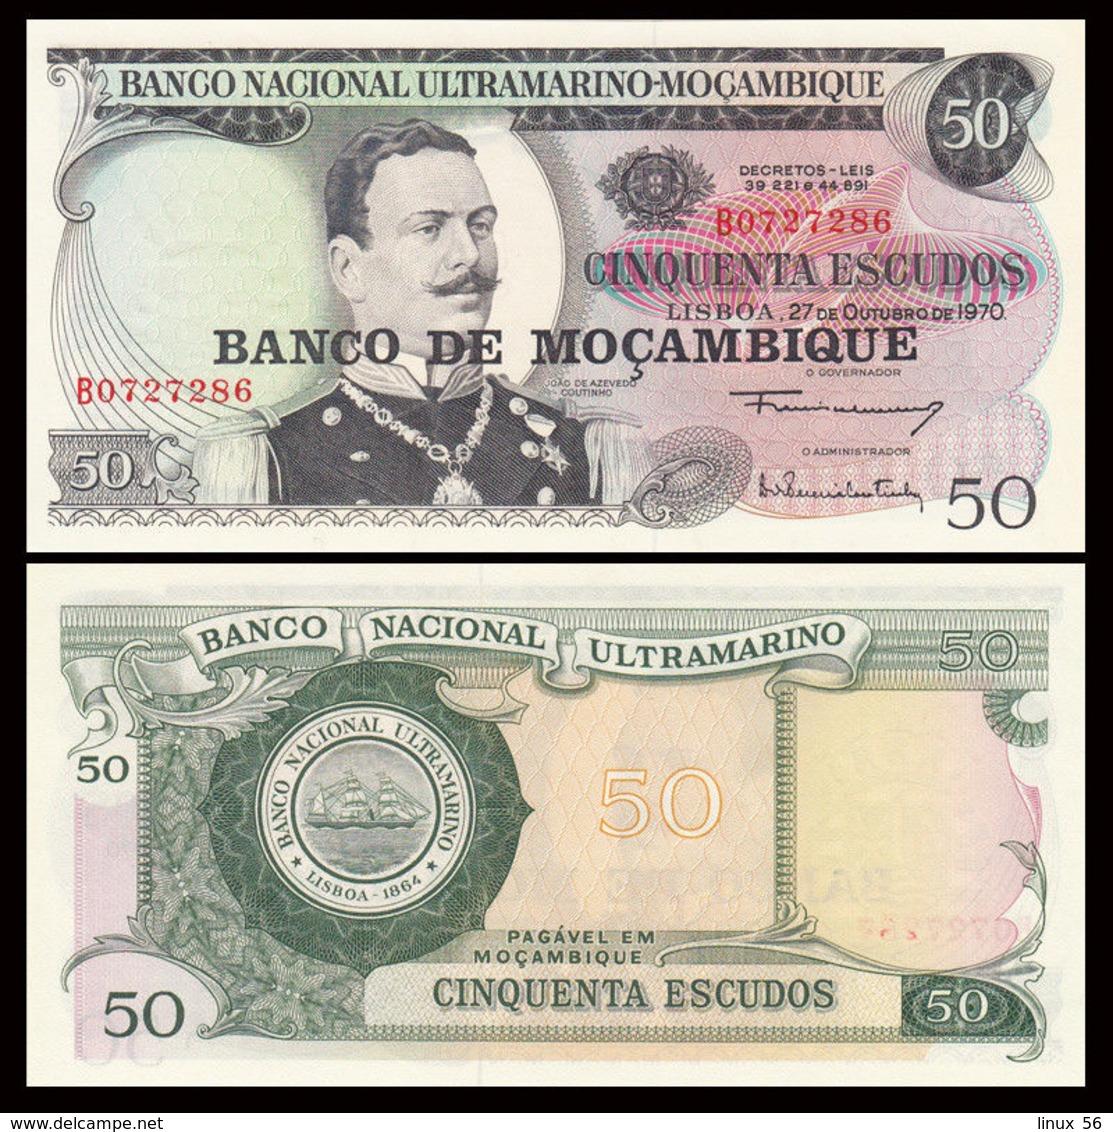 MOZAMBIQUE - 50 Escudos Nd.(1976 - Old Date 27.10.1970) UNC P.116 - Mozambique